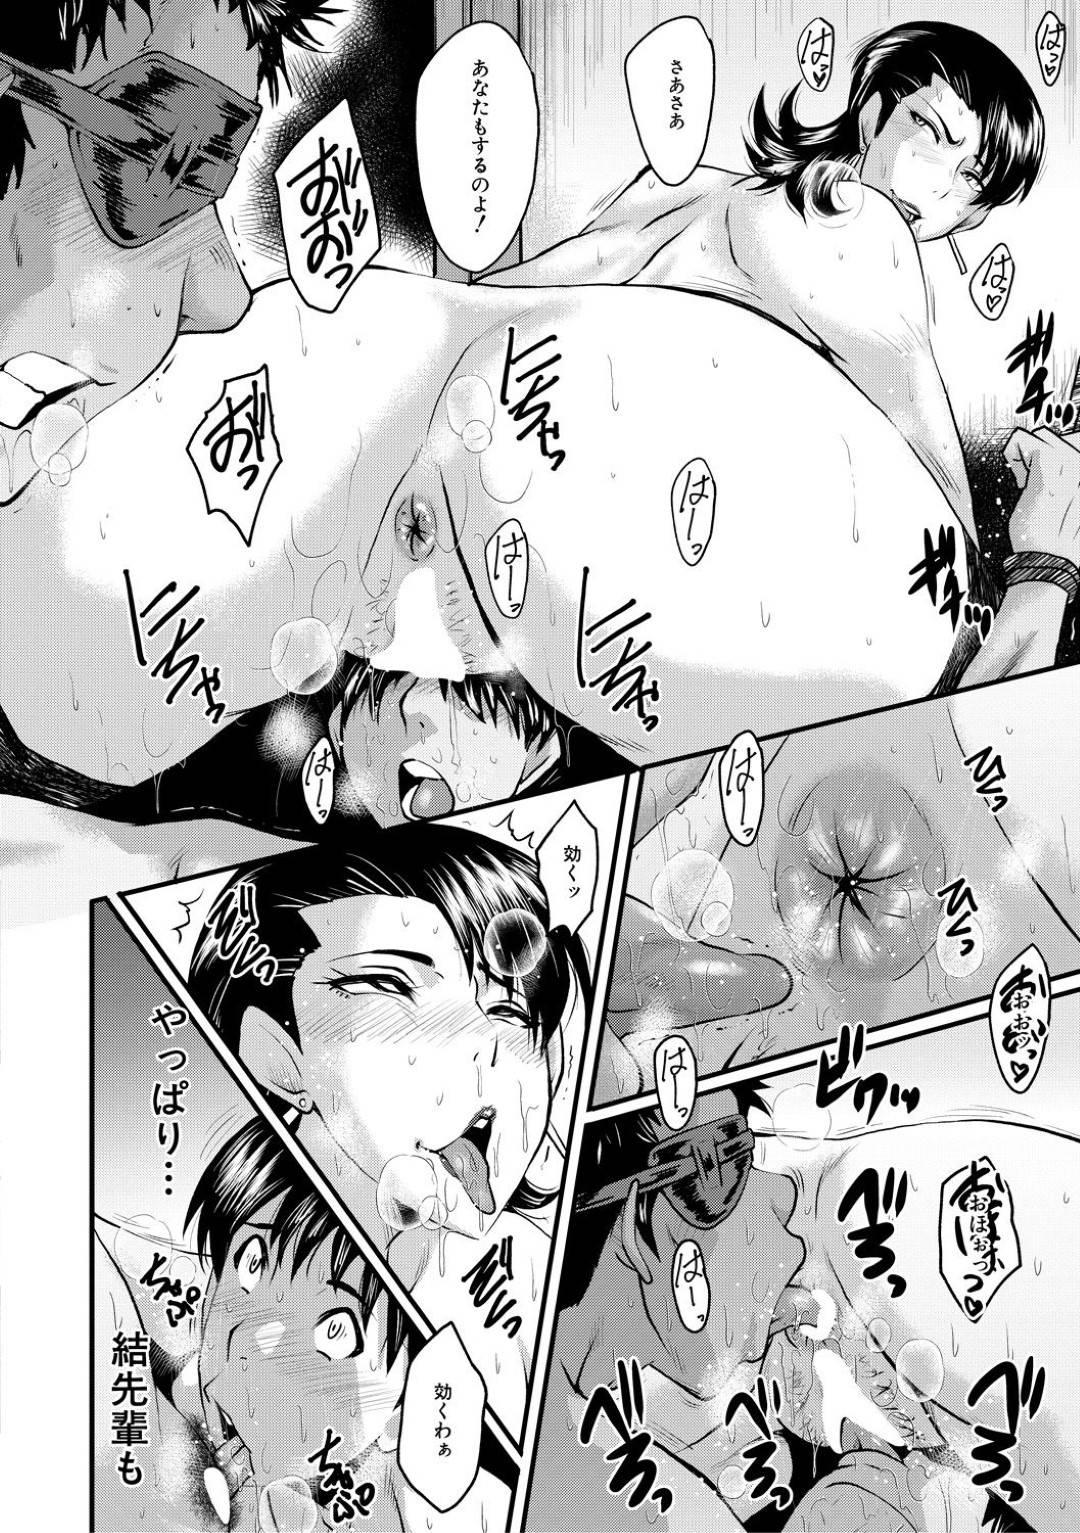 【エロ漫画】ショタを逆レイプに手コキしているど変態な貪欲熟女とその娘…クンニしたりフェラして4Pセックスでイチャイチャしちゃう!【SINK:タフマンの貪欲熟女たち その5】